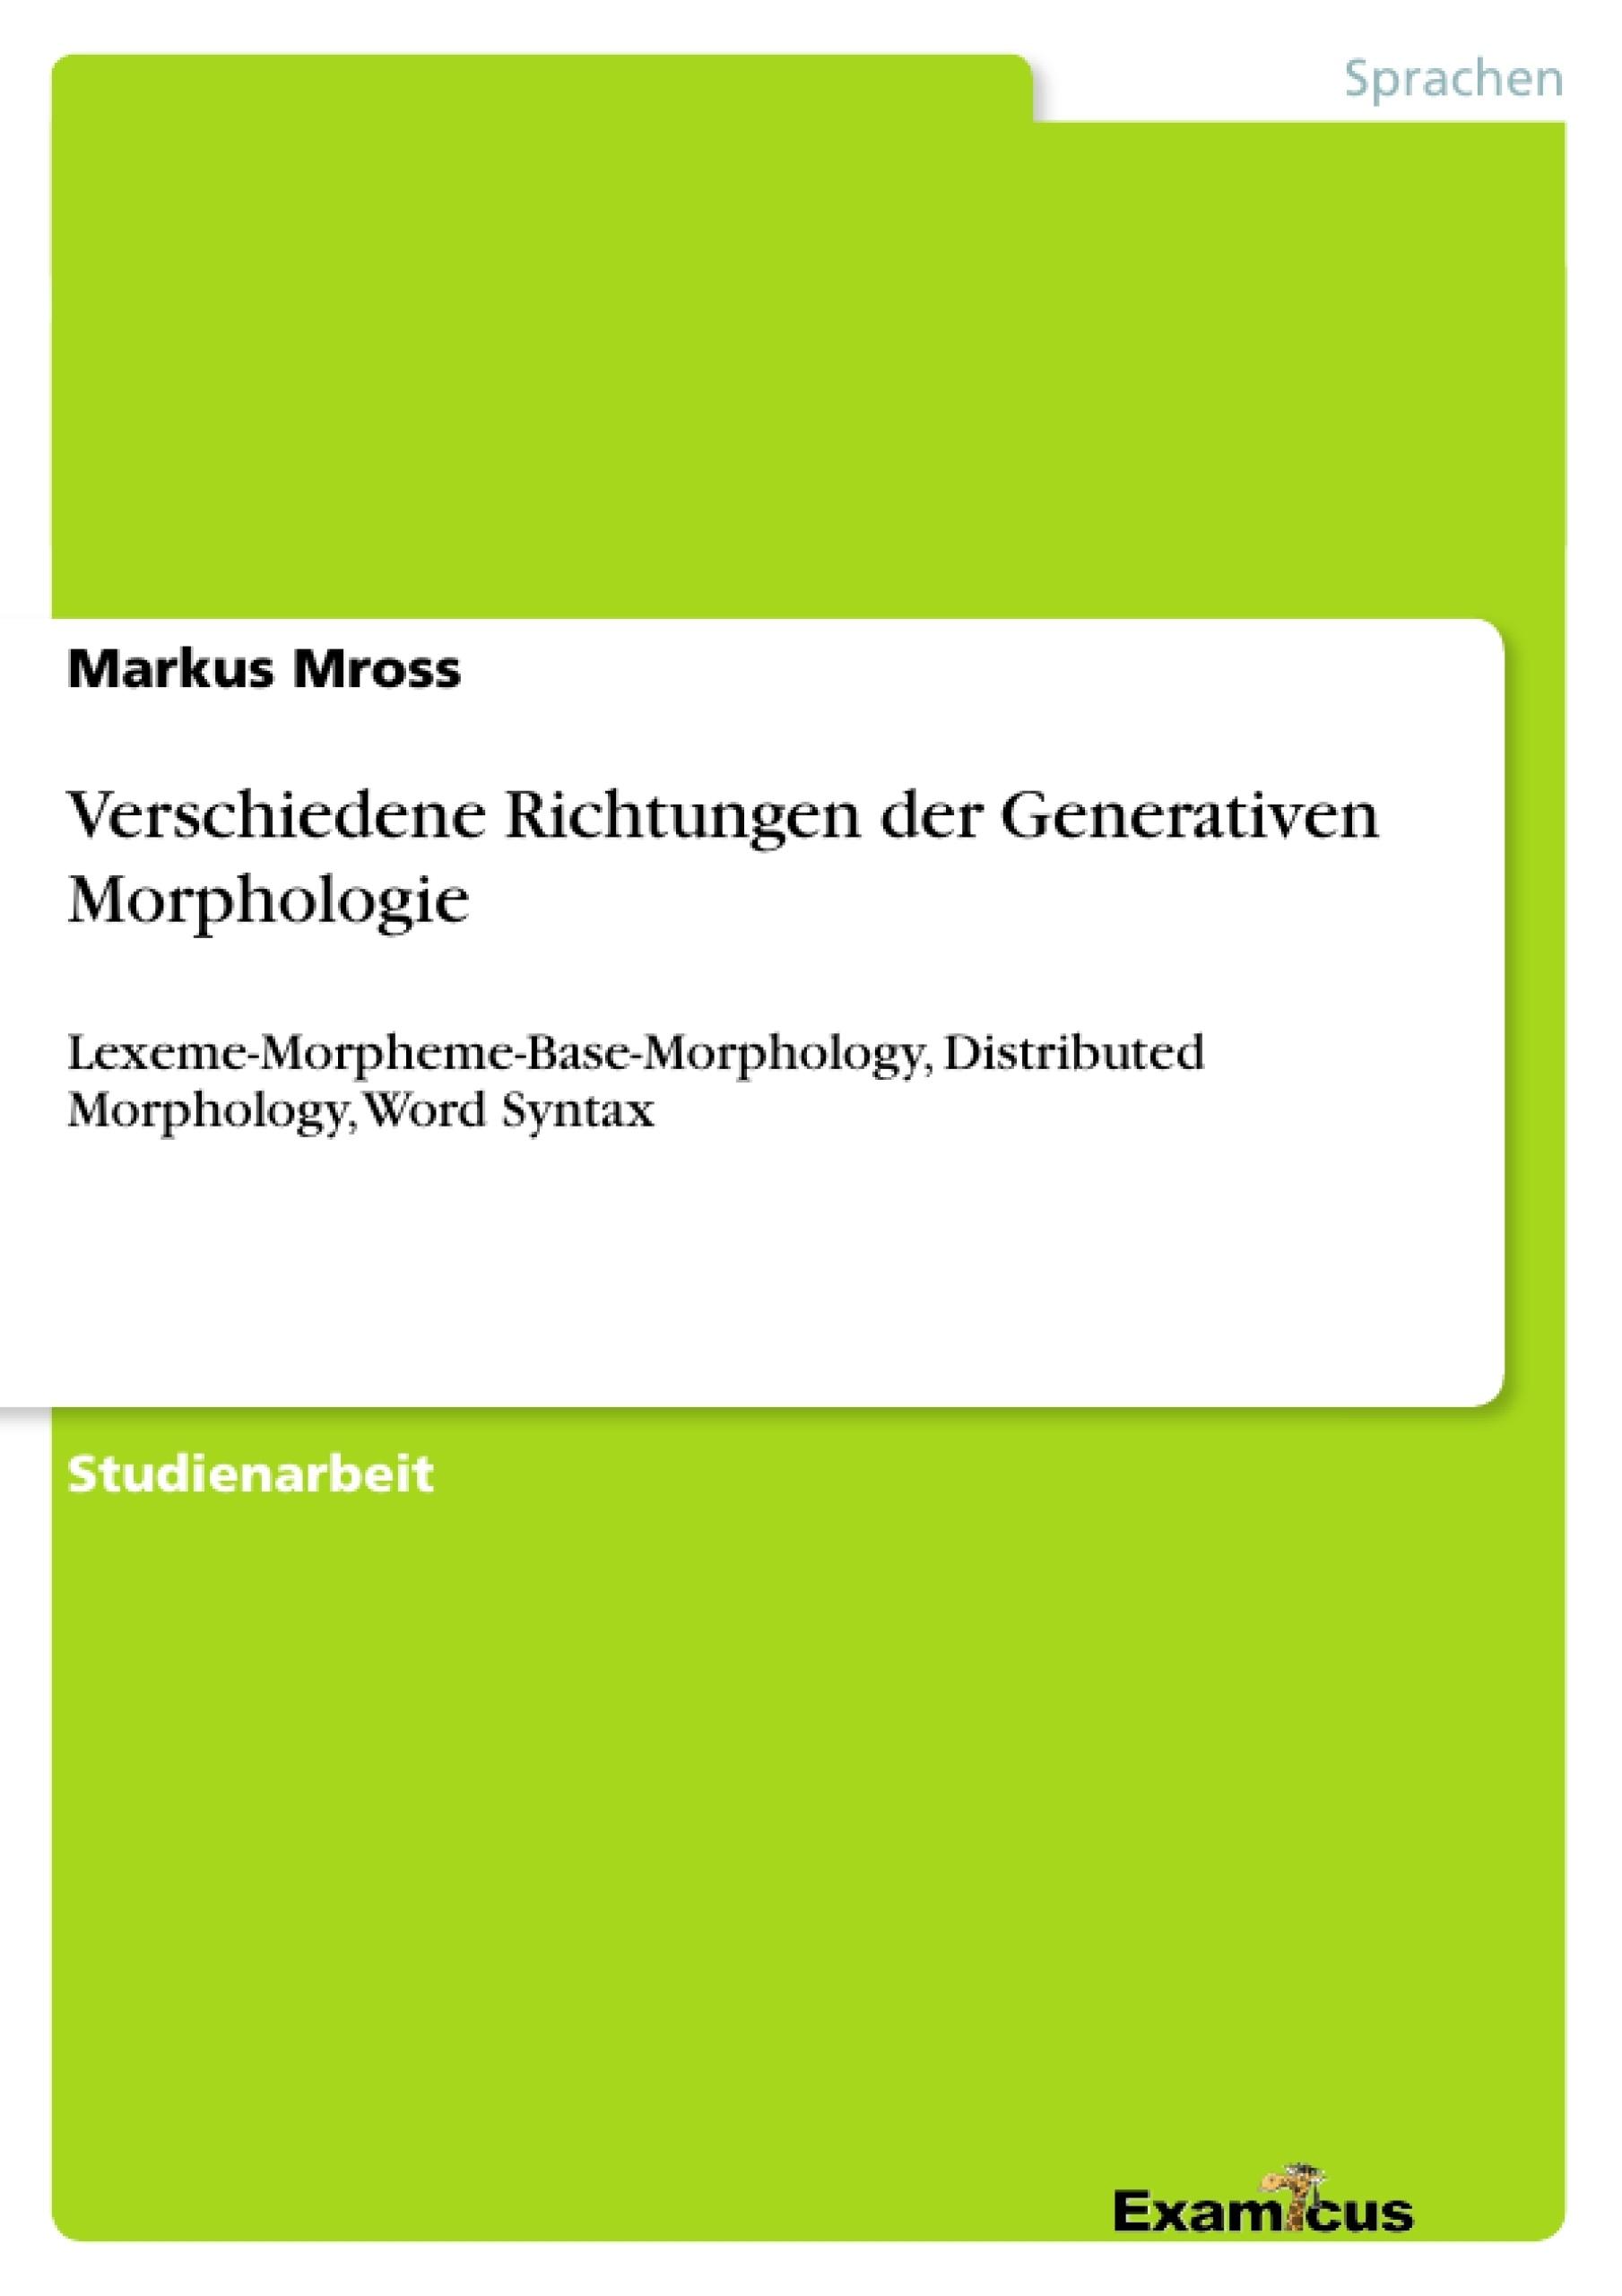 Titel: Verschiedene Richtungen der Generativen Morphologie